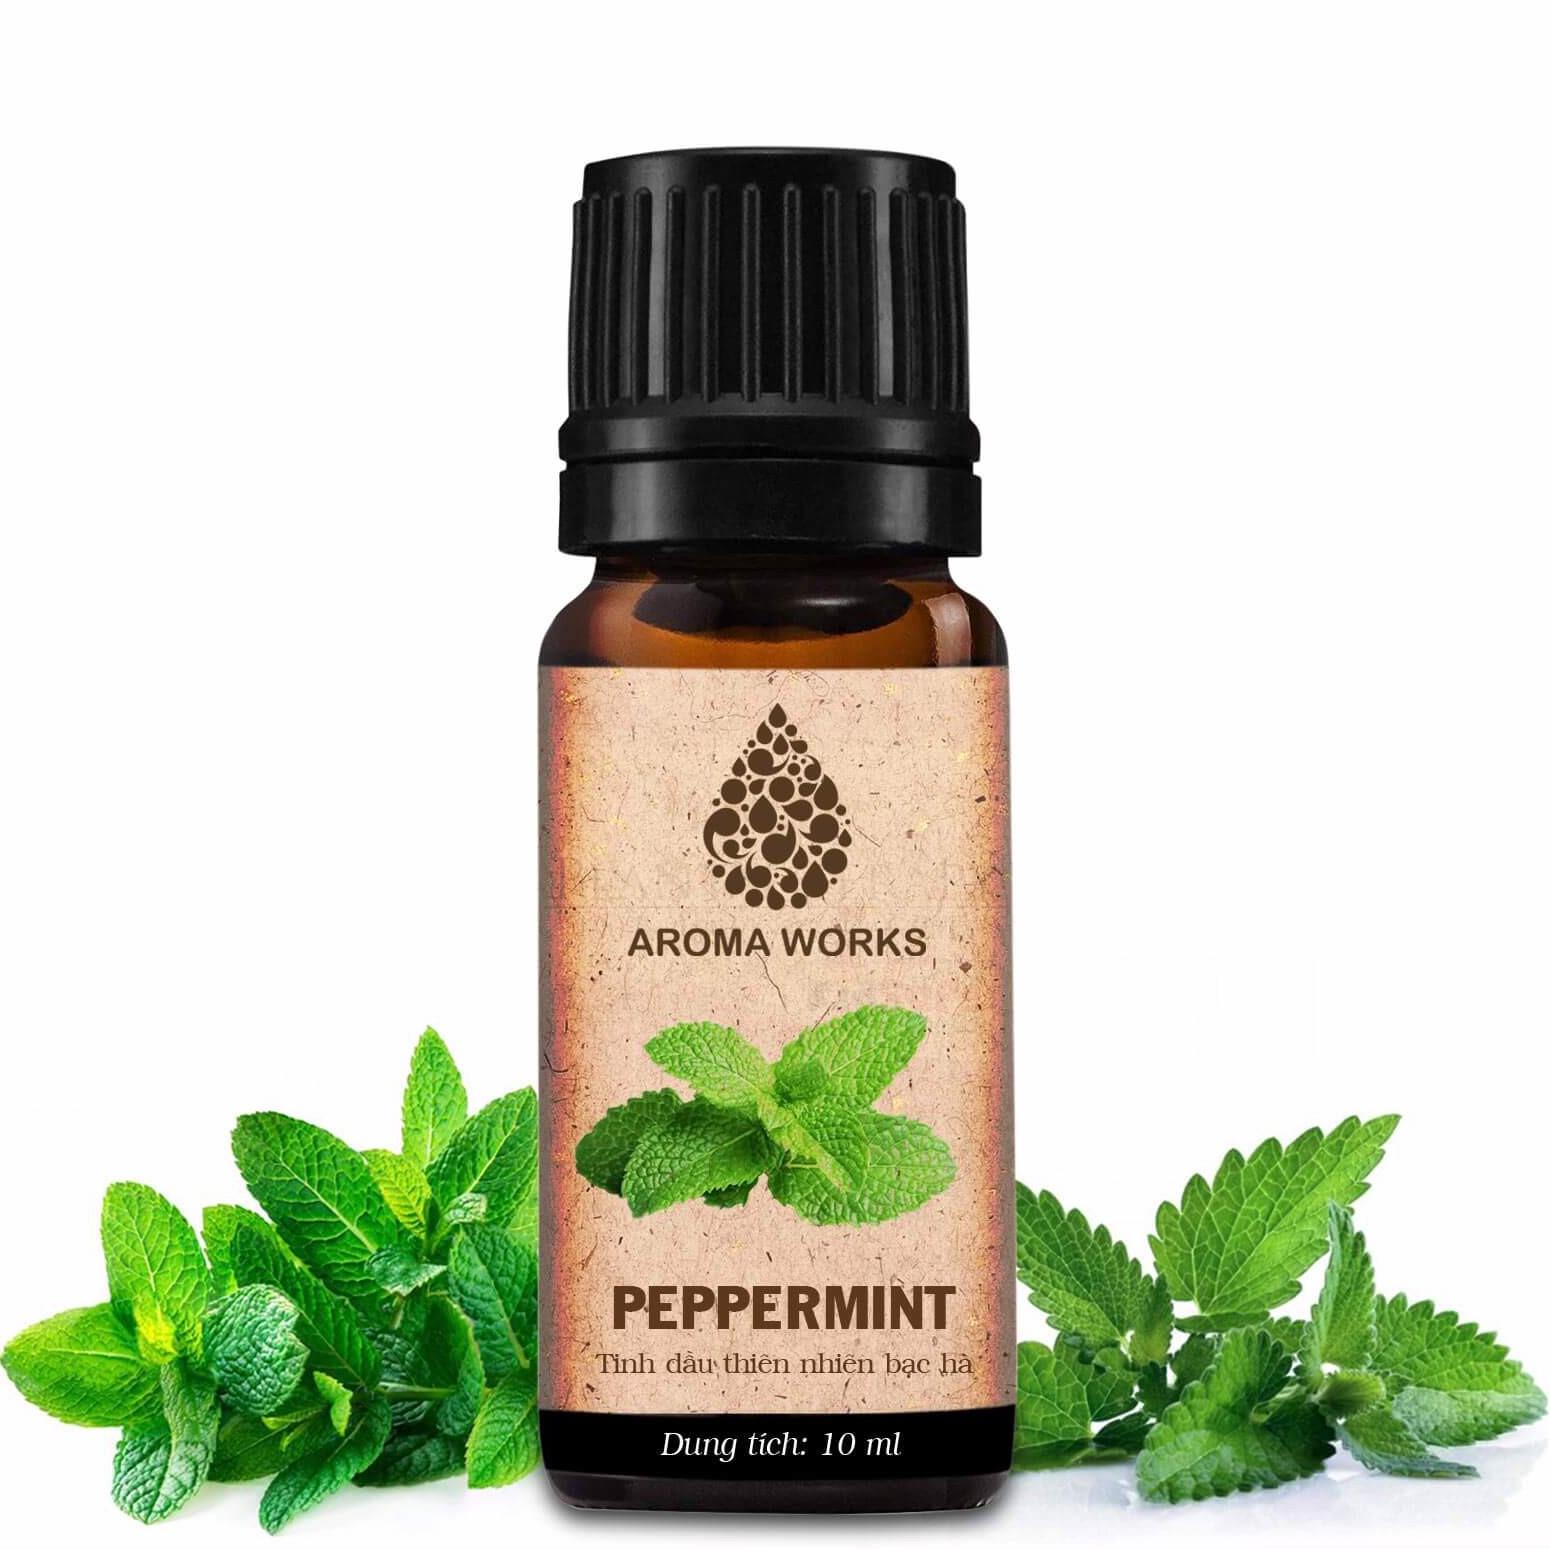 Tinh Dầu Thiên Nhiên Hương Bạc Hà Aroma Works Essential Oils Peppermint 10ml